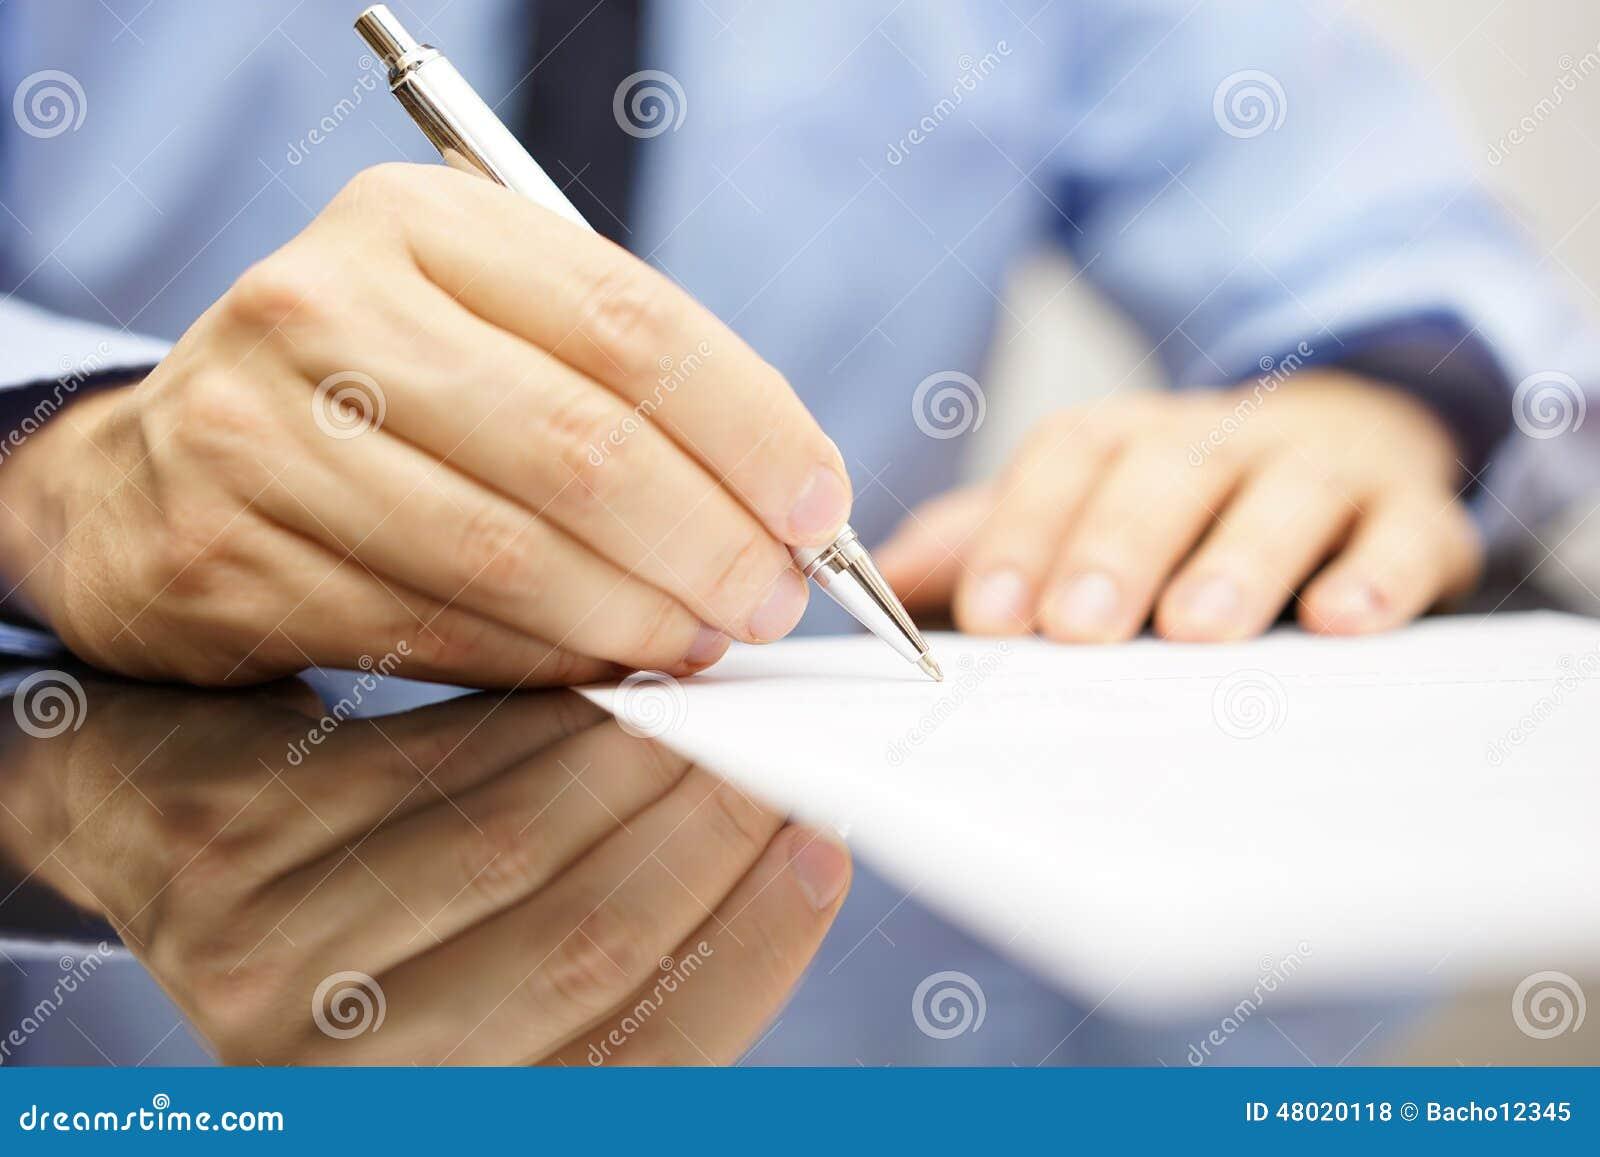 l 39 homme d 39 affaires crit une lettre ou signe un accord photo stock image 48020118. Black Bedroom Furniture Sets. Home Design Ideas